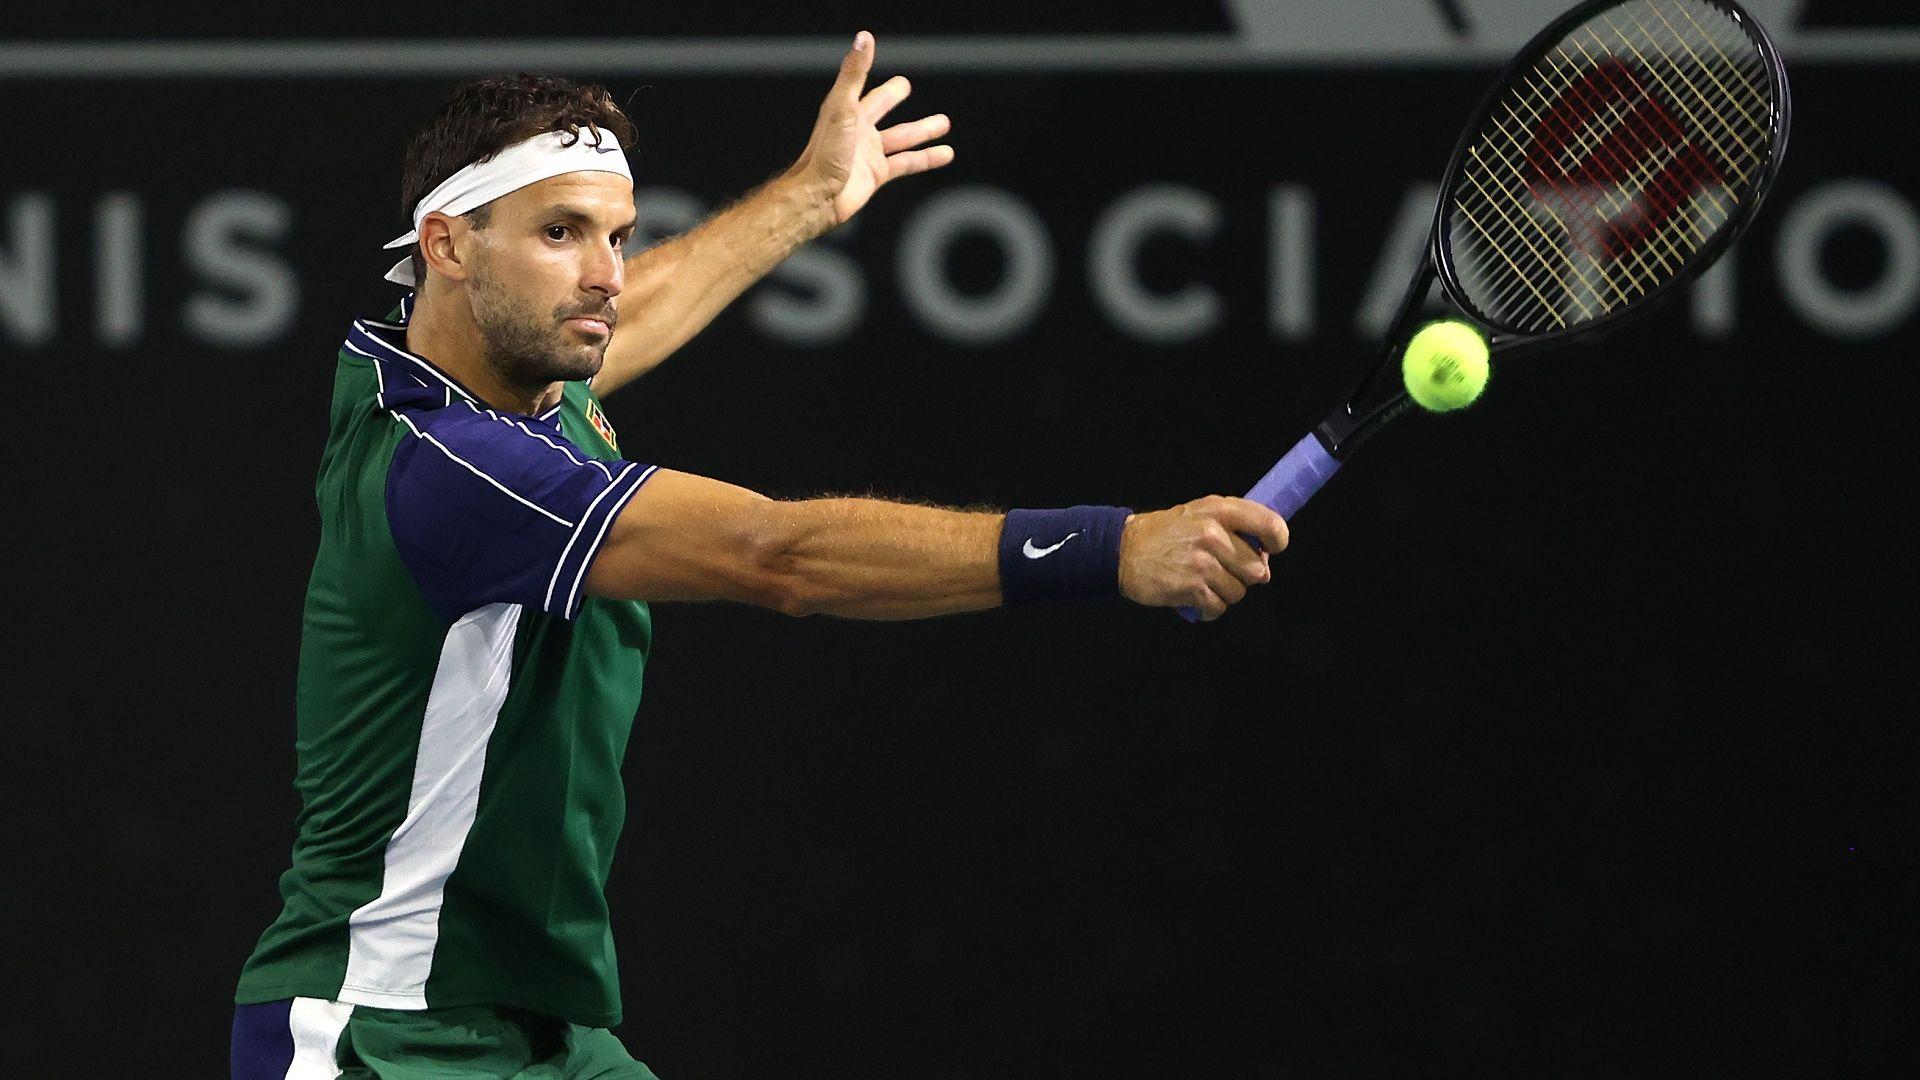 Григор е на полуфинал в Сан Диего след сладко отмъщение срещу руснак